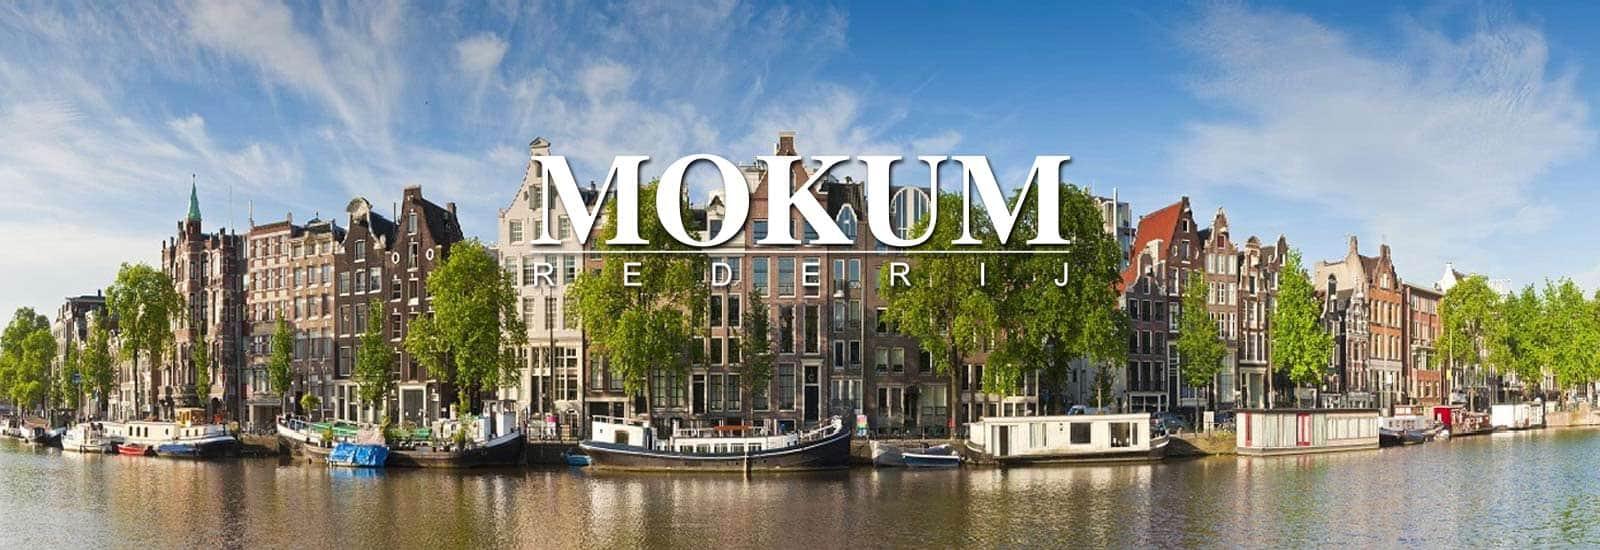 Bedrijfsuitje of zakendiner in Amsterdam